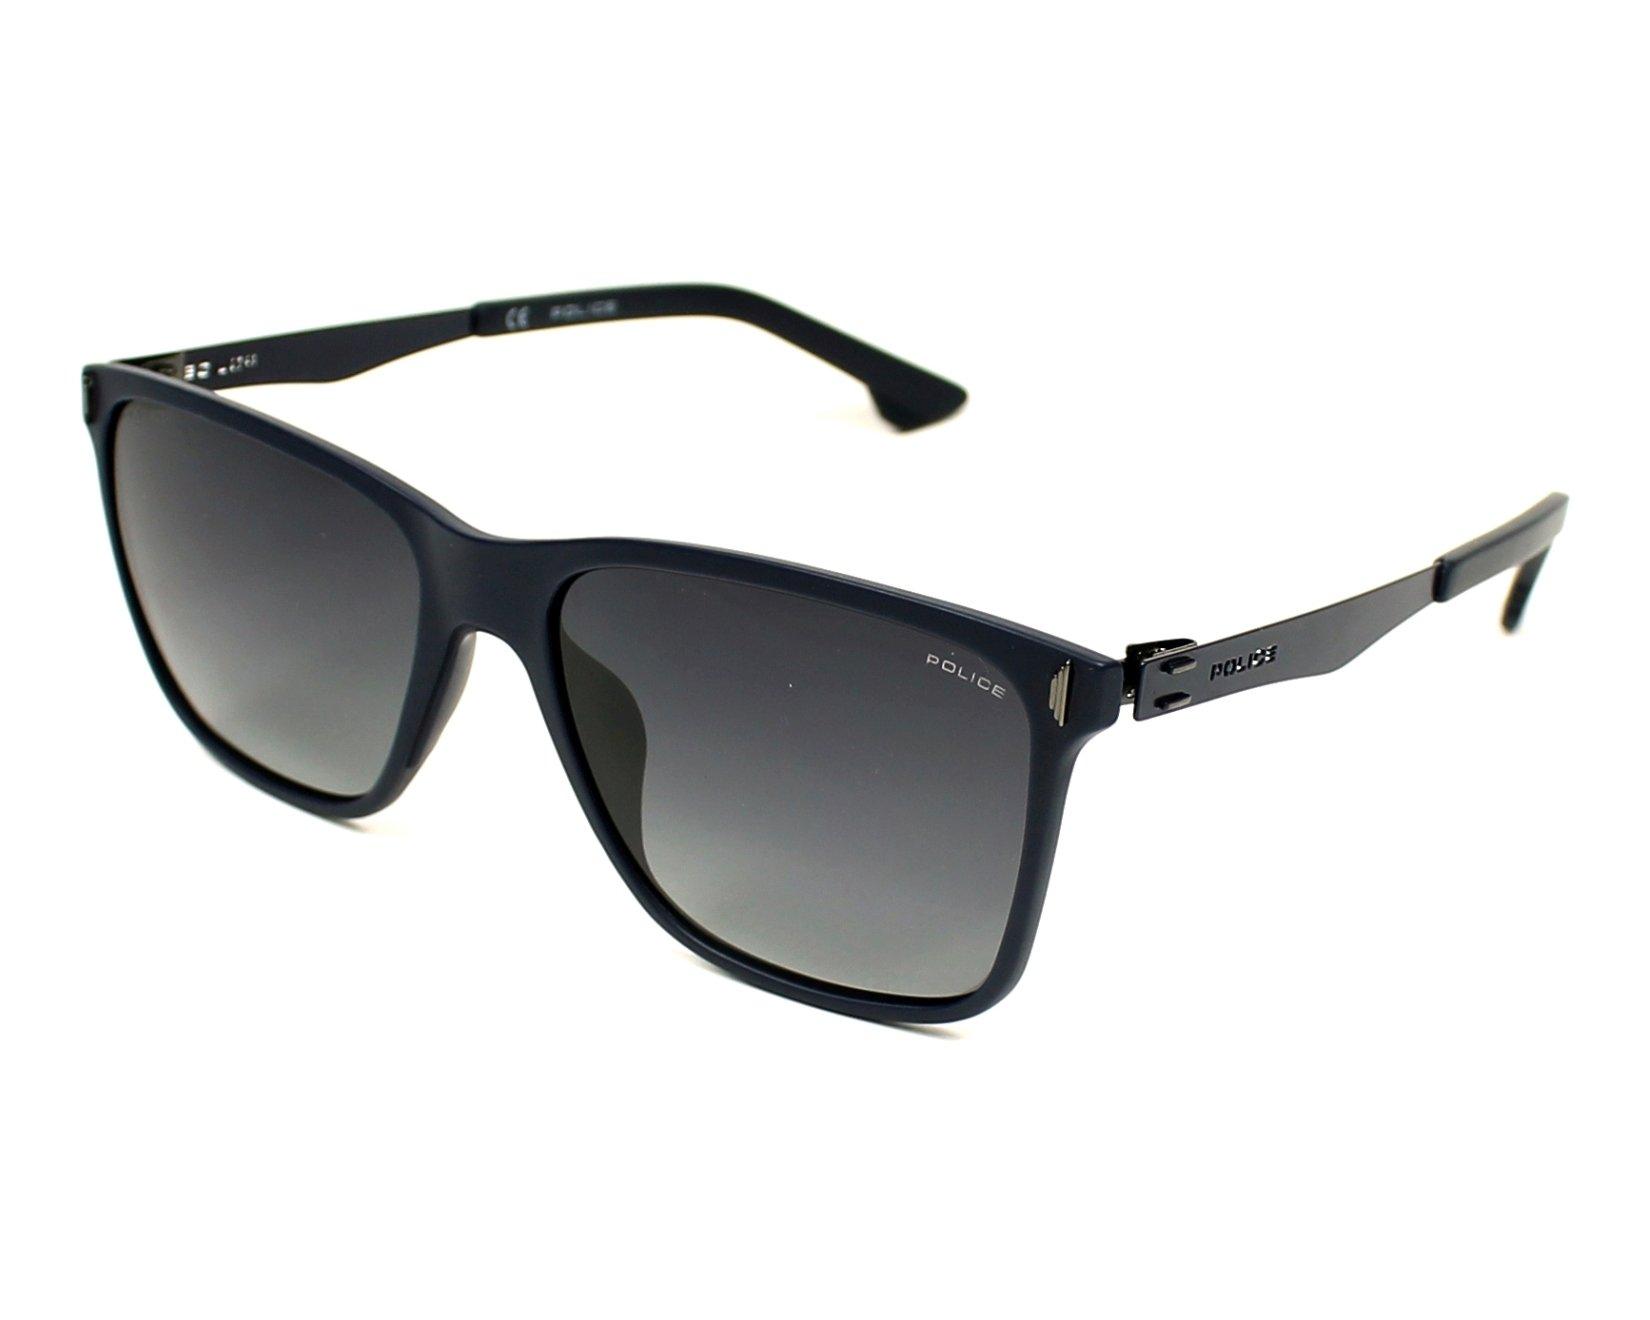 lunettes de soleil police spl 365 u43p bleu avec des verres gris pour mixte. Black Bedroom Furniture Sets. Home Design Ideas